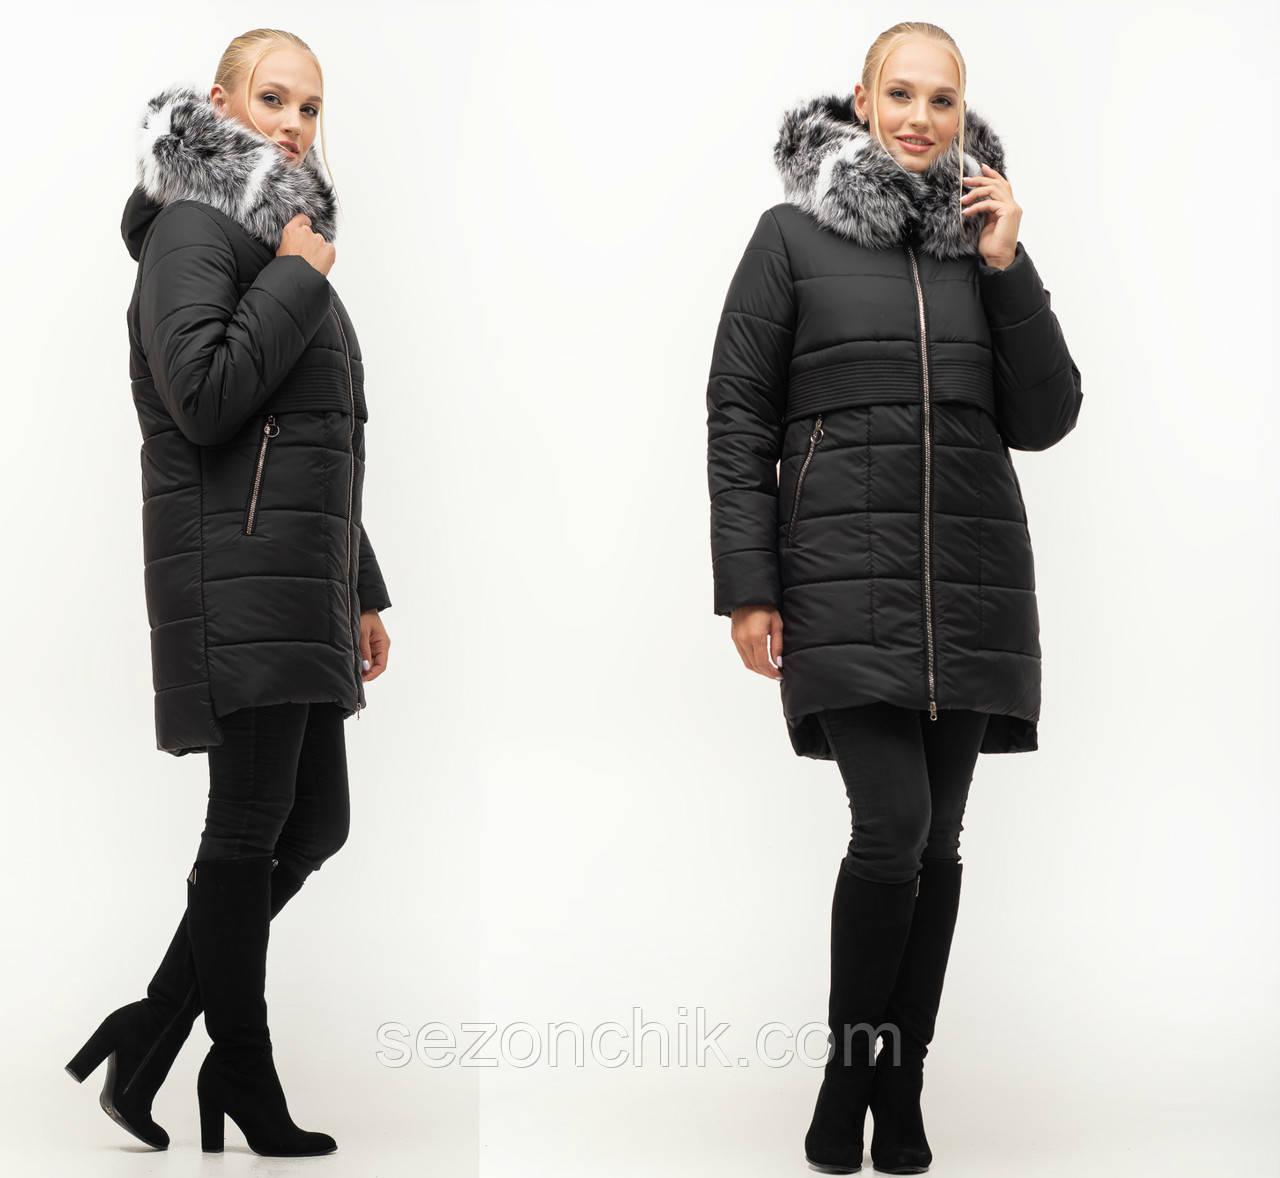 Женская модная зимняя куртка новинка